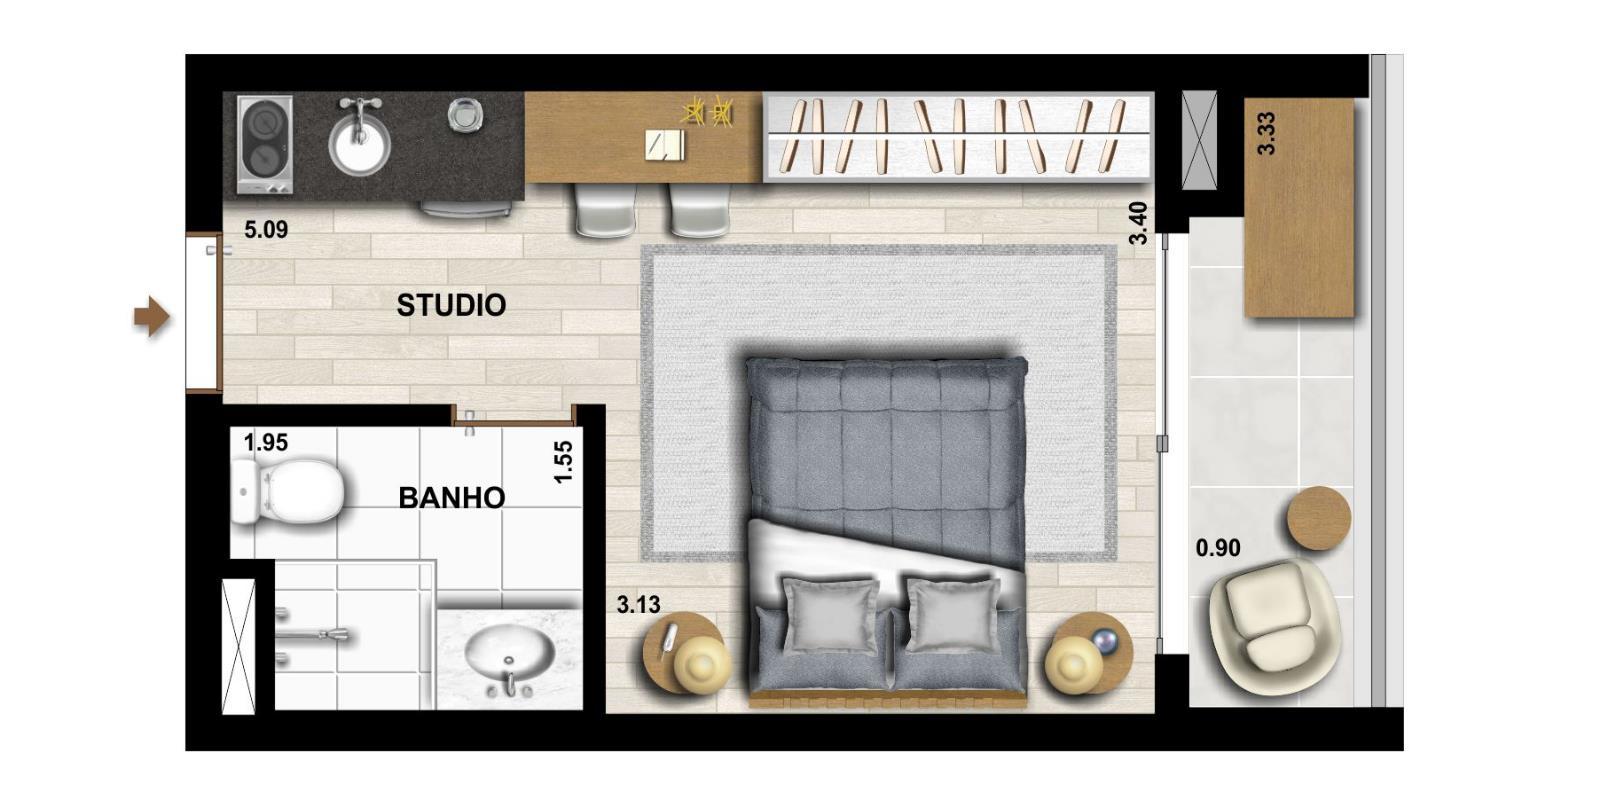 Studio - 23m²